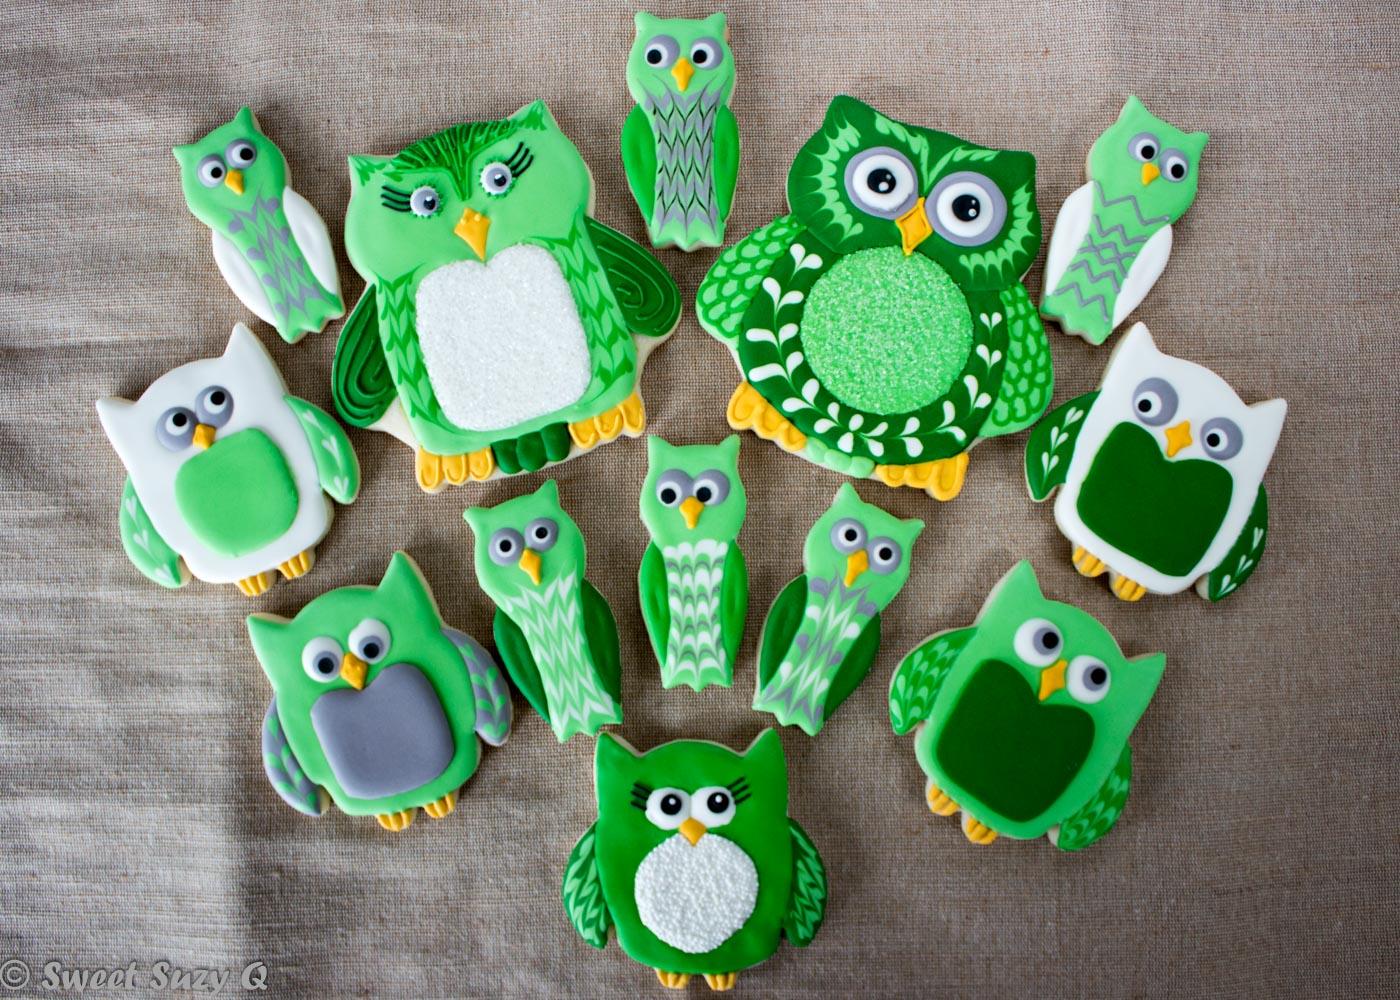 Owl group of sugar cookies